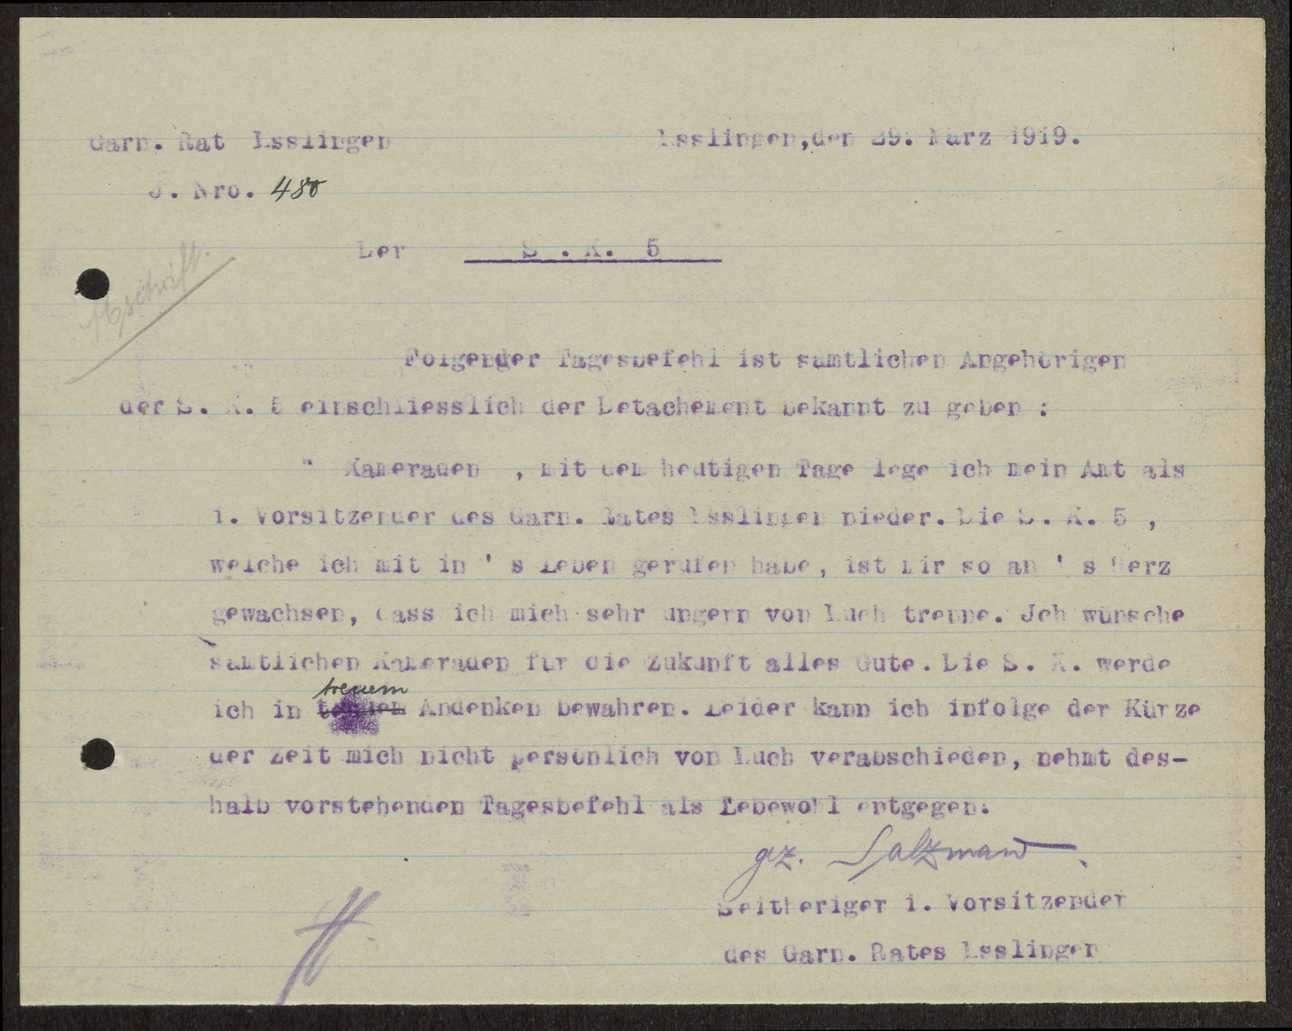 Zusammensetzung des Garnisonrats Esslingen, Bild 2